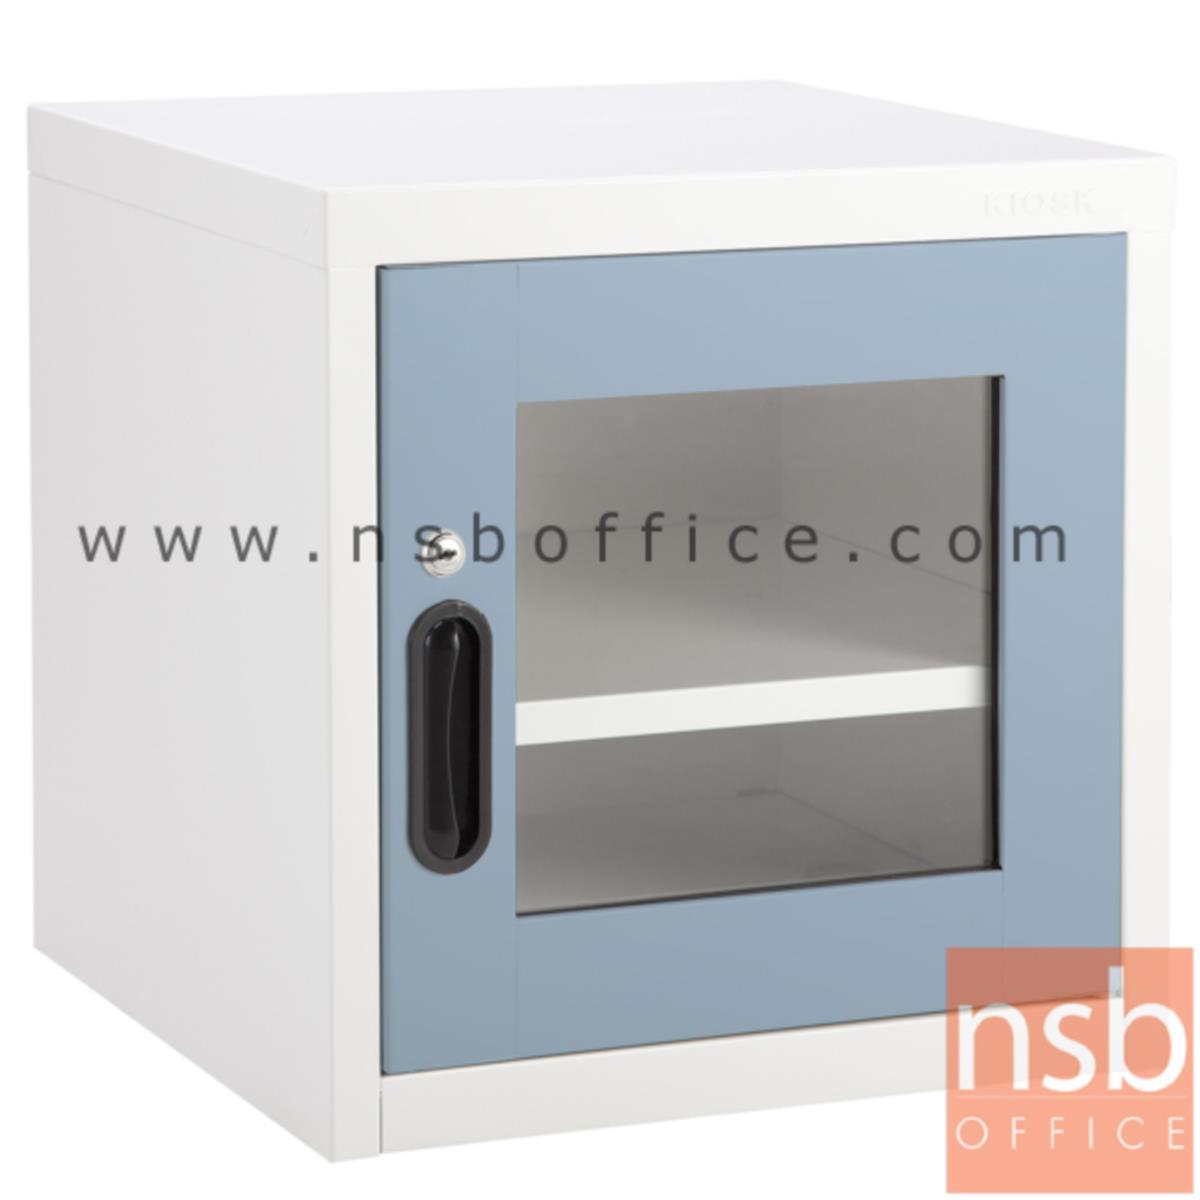 E25A002:ตู้เหล็ก 1 บานเปิดกระจก หน้าบานสีสัน 44W*40.7D*44H cm รุ่น UNI-2